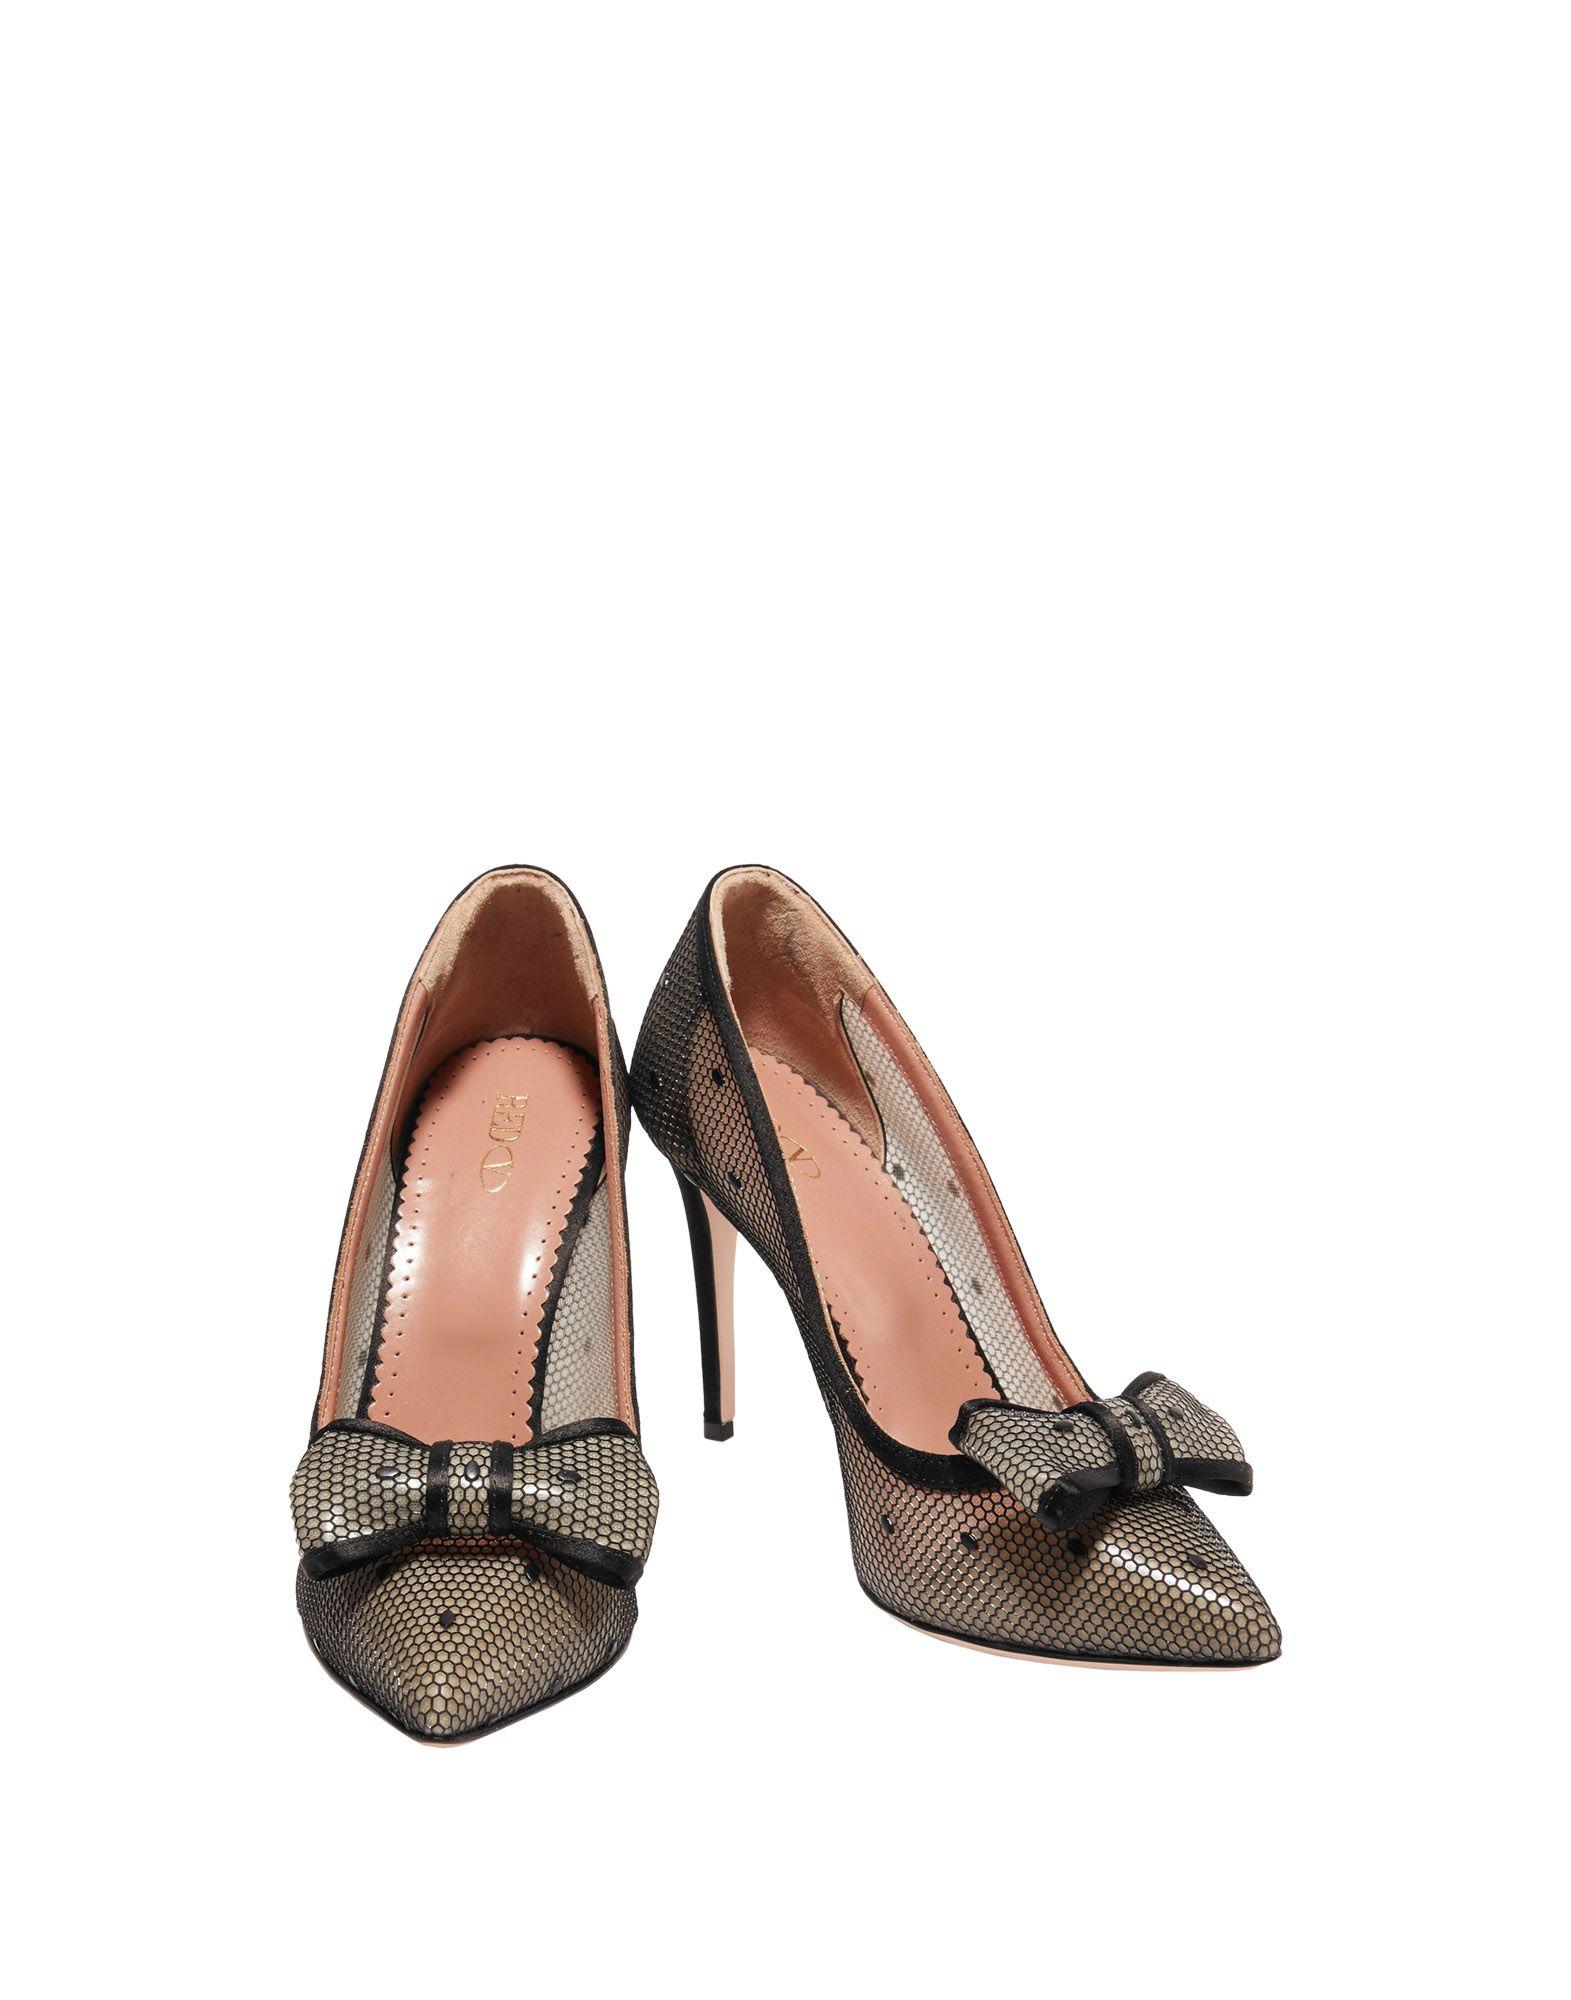 Los zapatos más populares para Zapato hombres y mujeres Zapato para De Salón Red(V) Mujer - Salones Red(V)  Negro 5ec2e7